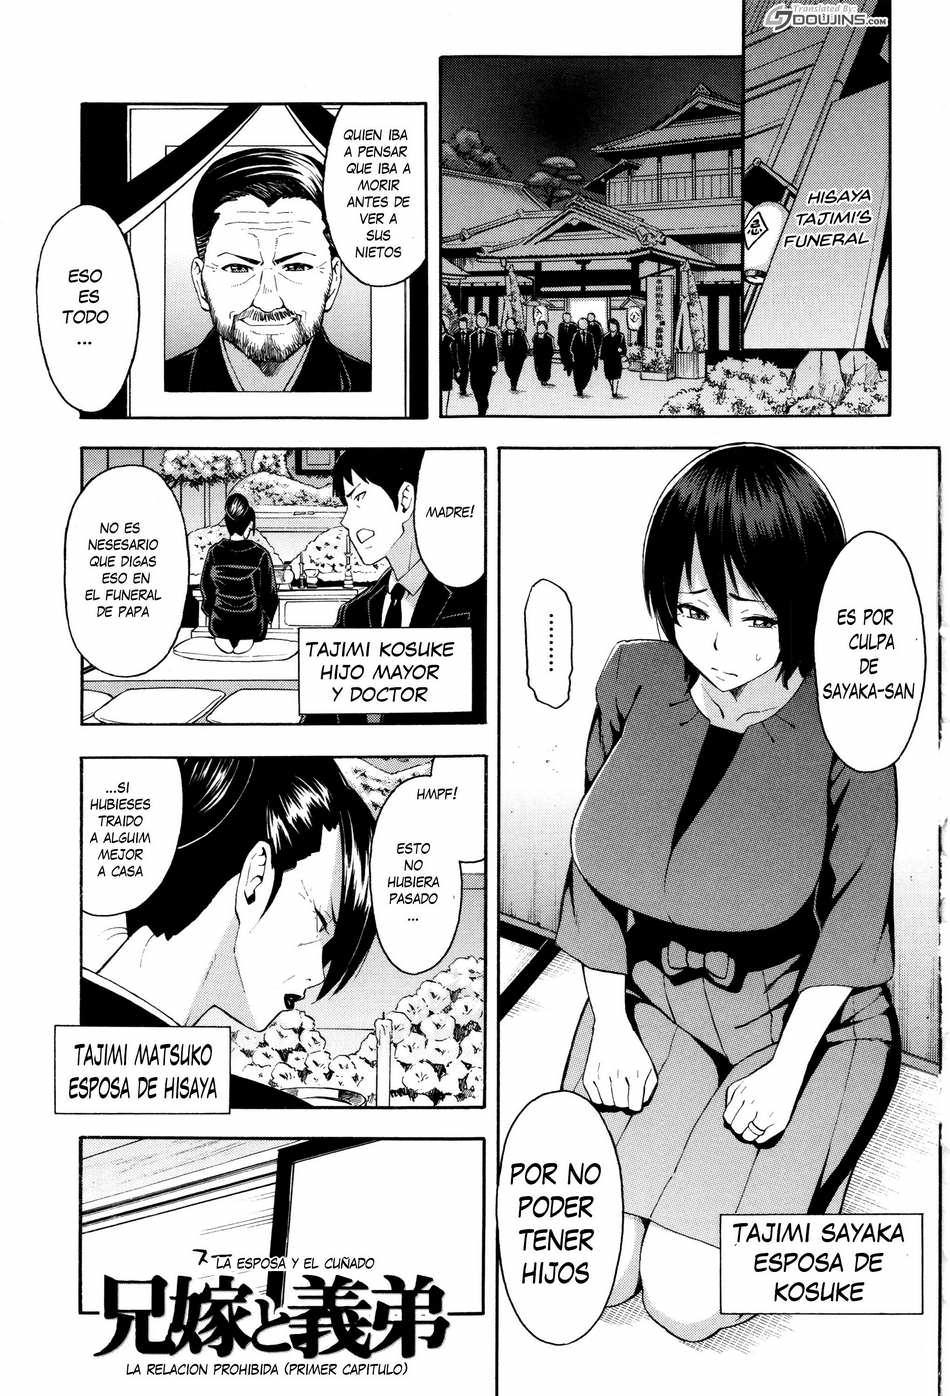 La esposa y el cuñado ~La relación prohibida~ 1 - Page #1